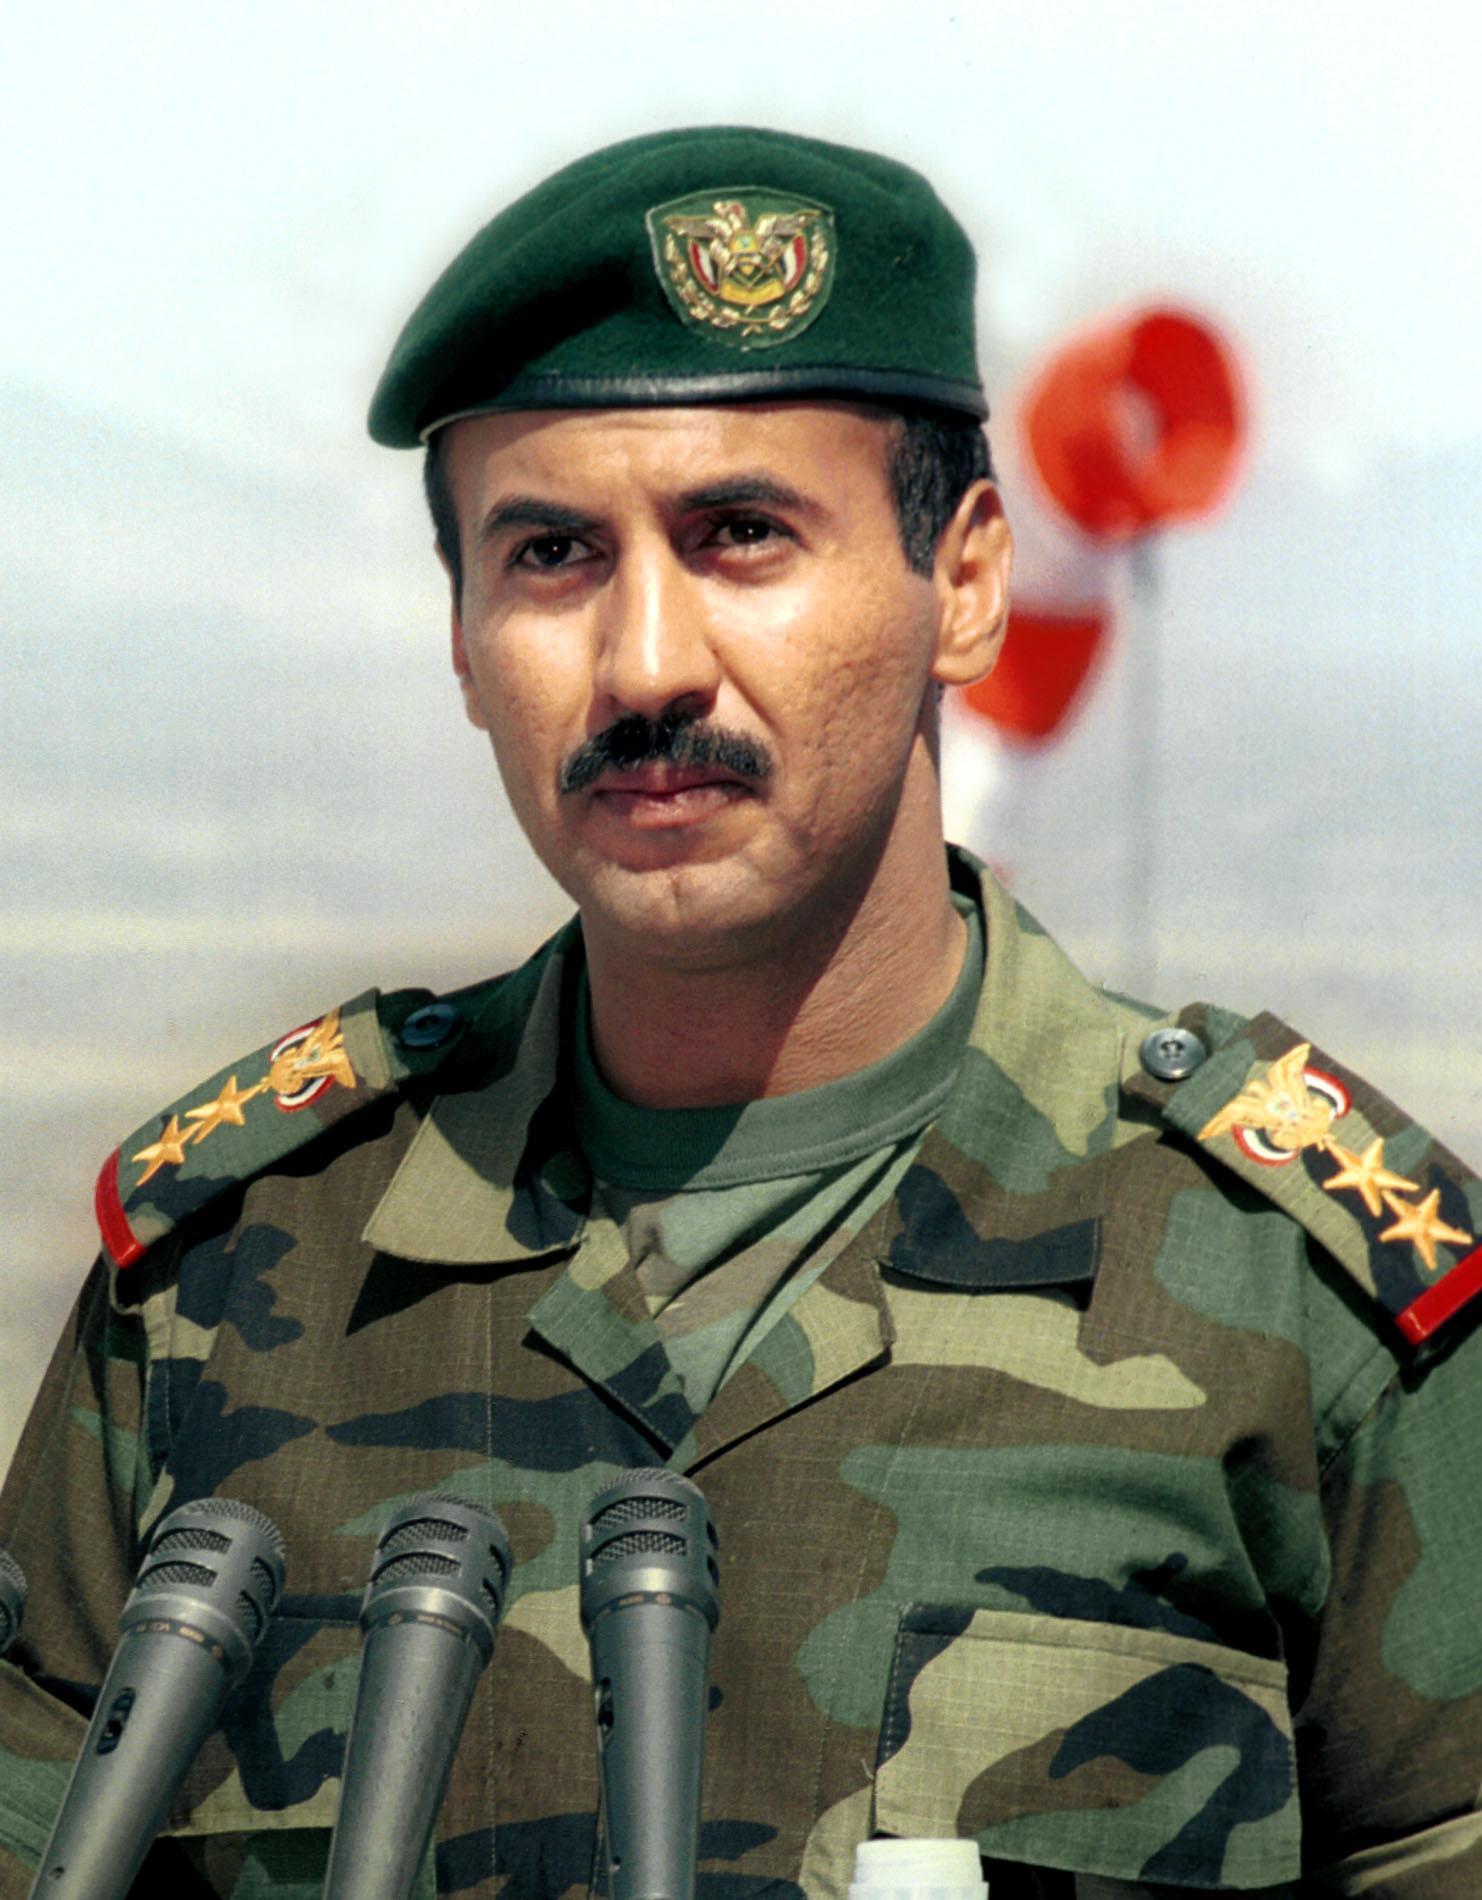 أحمد صالح قائدا للحرس الجمهوري في 2001